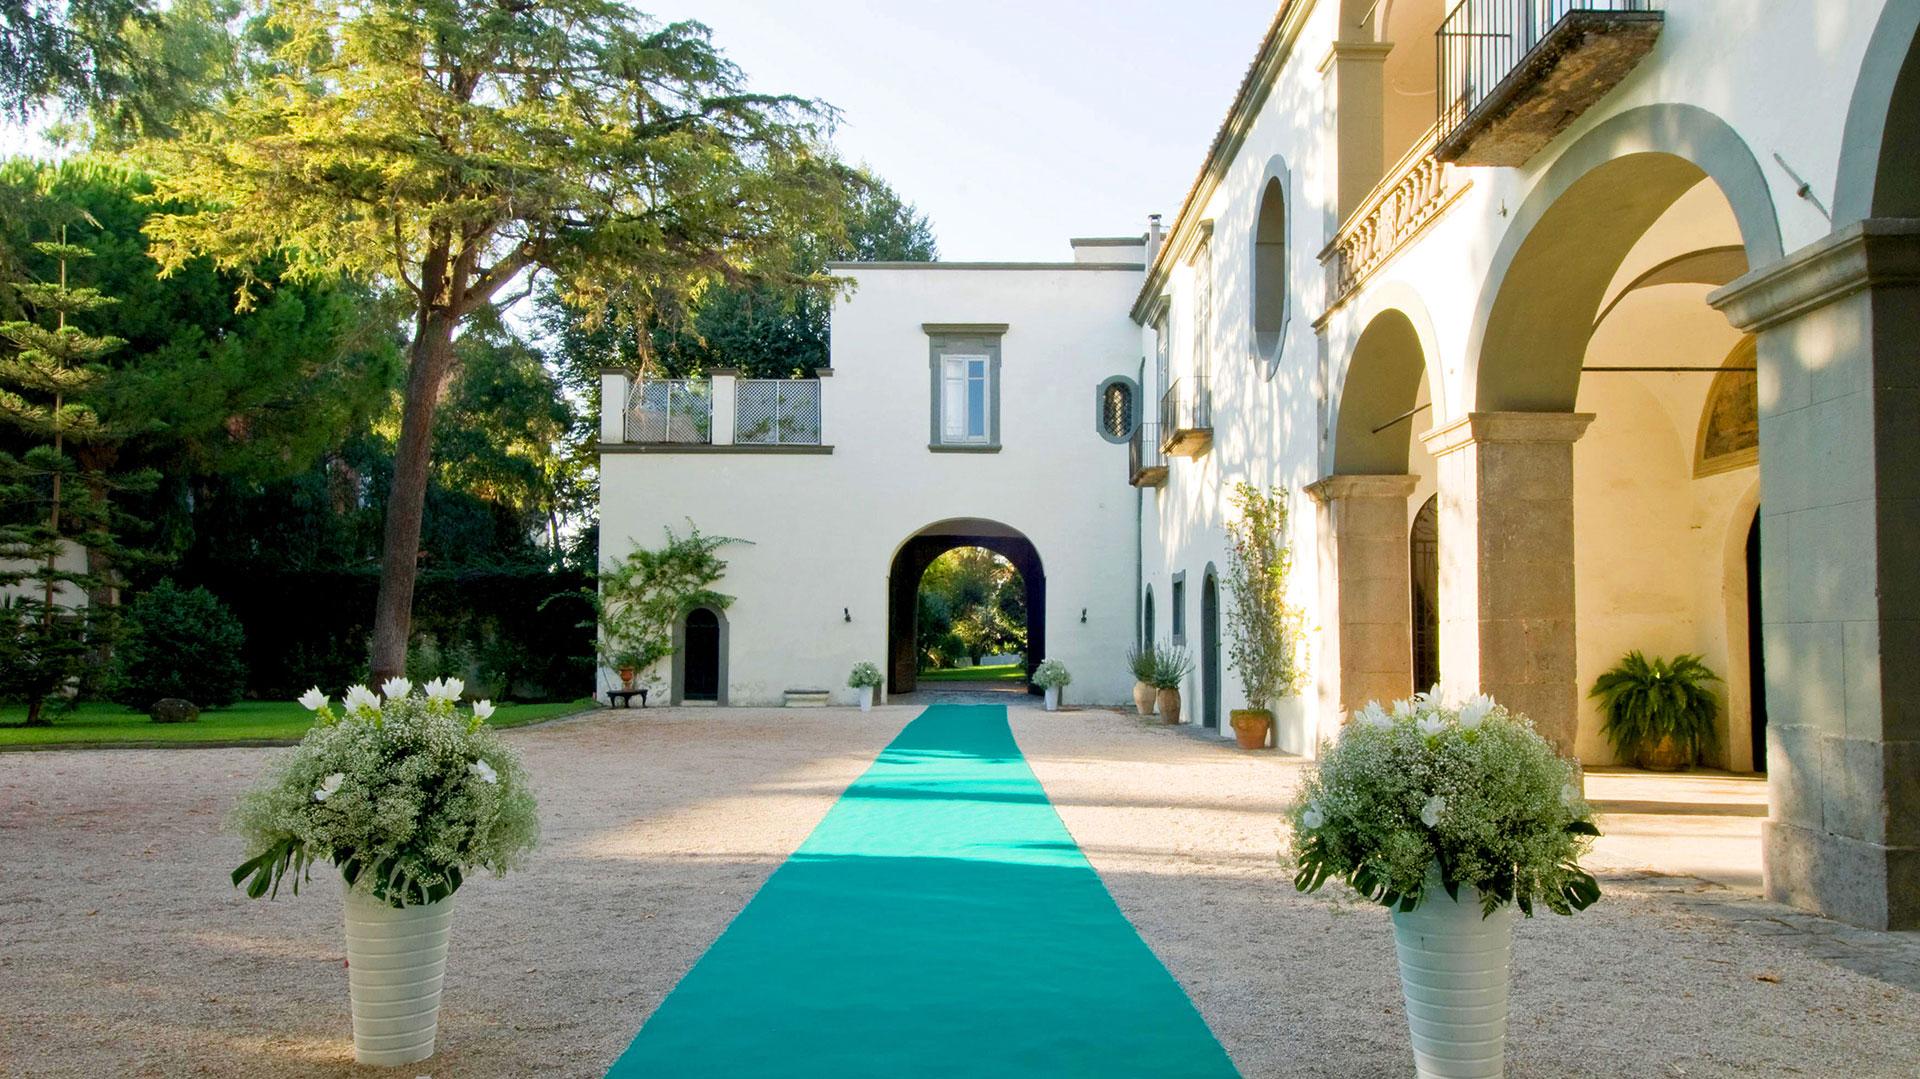 IL BOSCO DI NATALE: Al via la prima edizione in Villa Tufarelli (San Giorgio a Cremano)